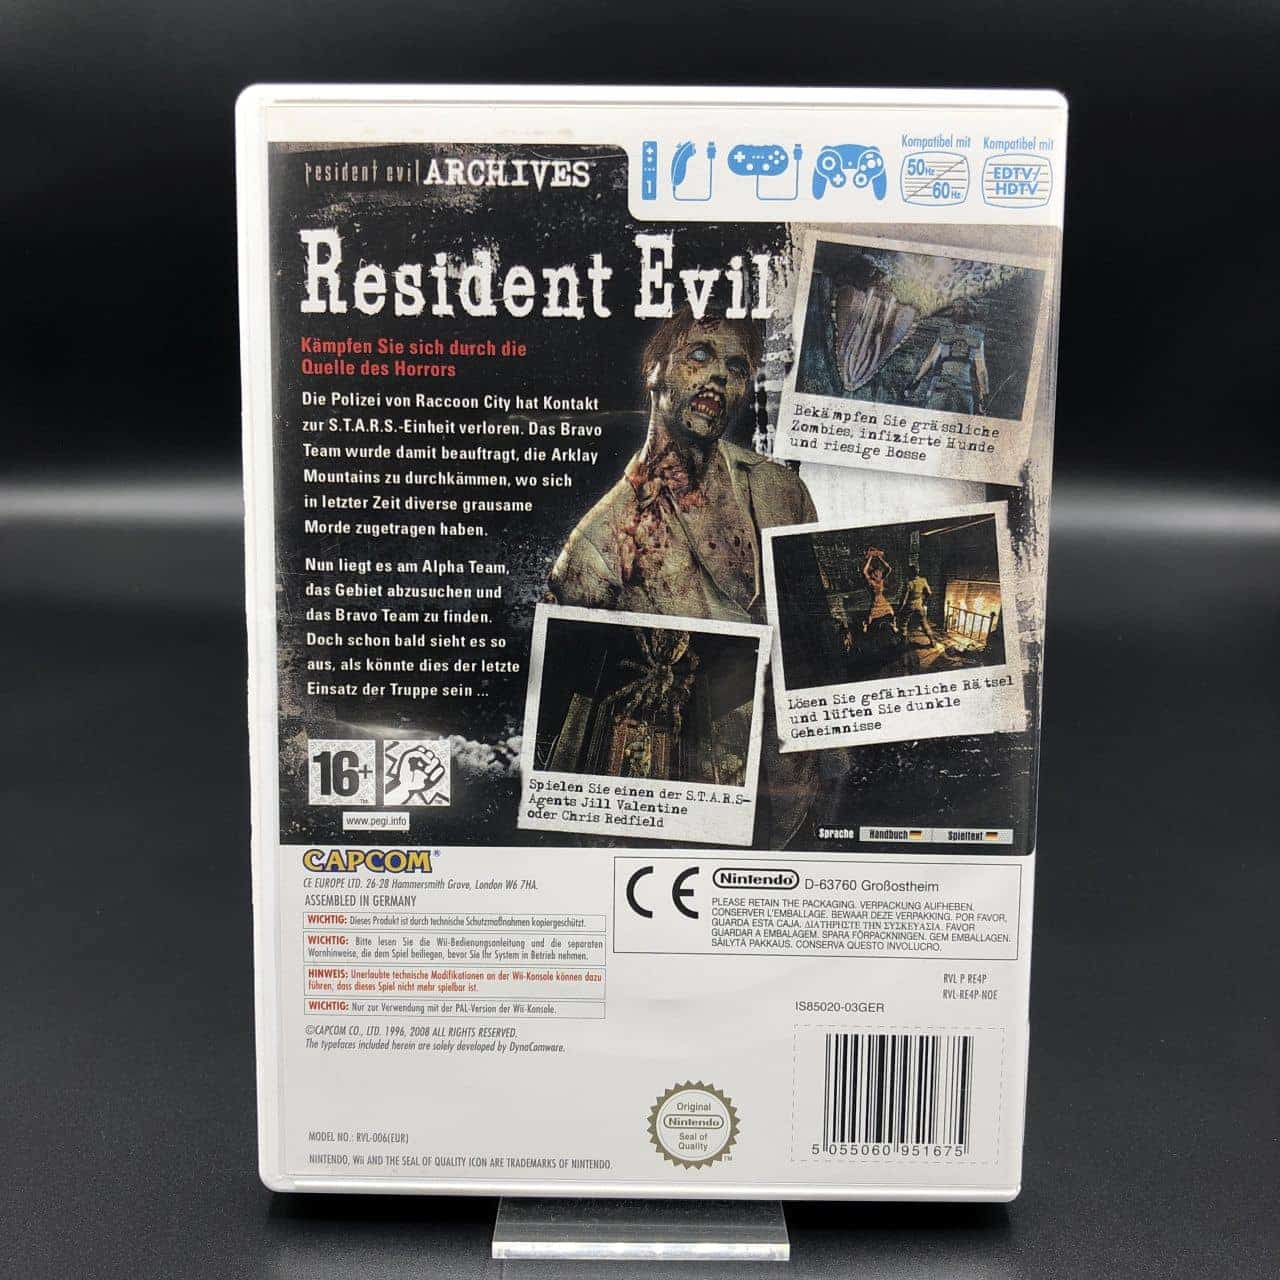 Resident Evil Archives: Resident Evil (Komplett) (Sehr gut) Nintendo Wii (FSK18)